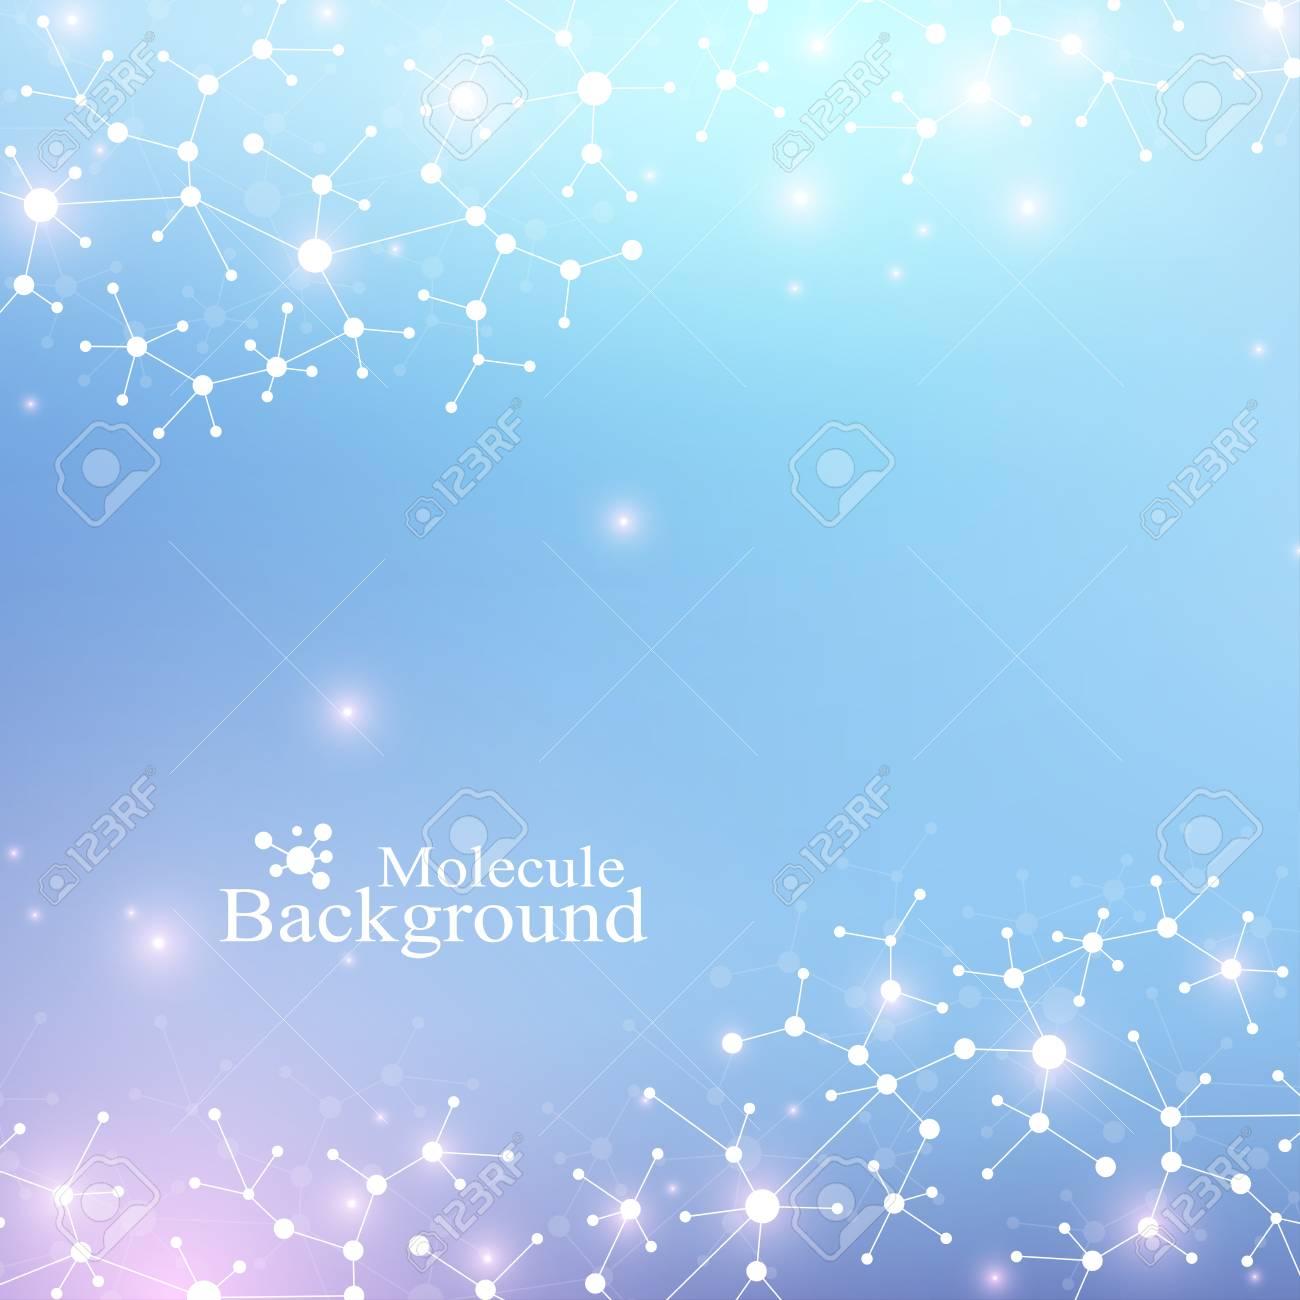 Estructura Moderna Molécula De Adn átomo Molécula Y La Comunicación De Fondo Para La Medicina La Ciencia La Tecnología La Química Telón De Fondo